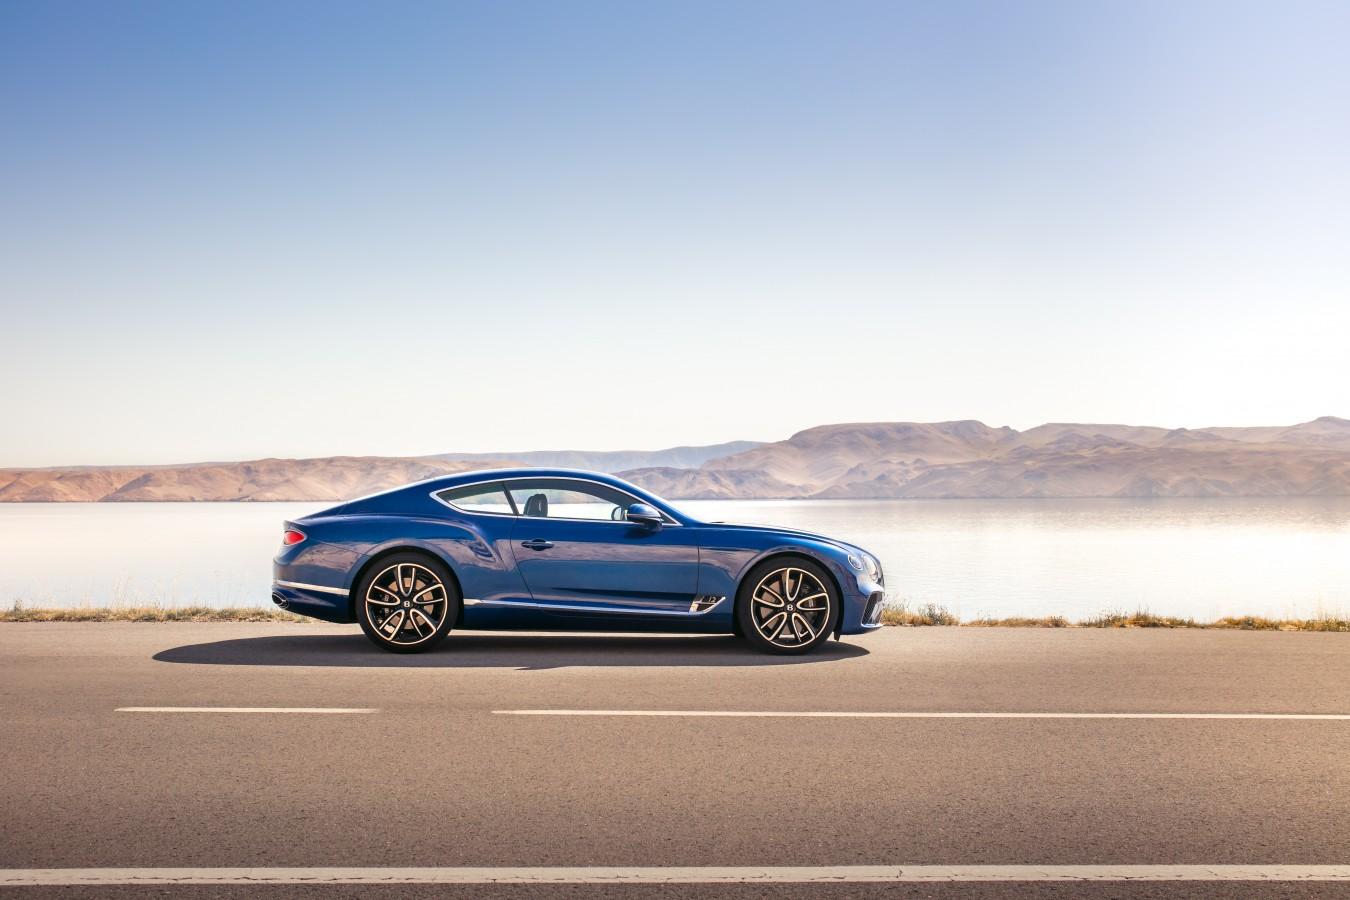 АБСОЛЮТНО НОВЫЙ BENTLEY CONTINENTAL GT В ШОУ-РУМЕ BENTLEY МОСКВА - изображение New-Continental-GT-11 на Bentleymoscow.ru!